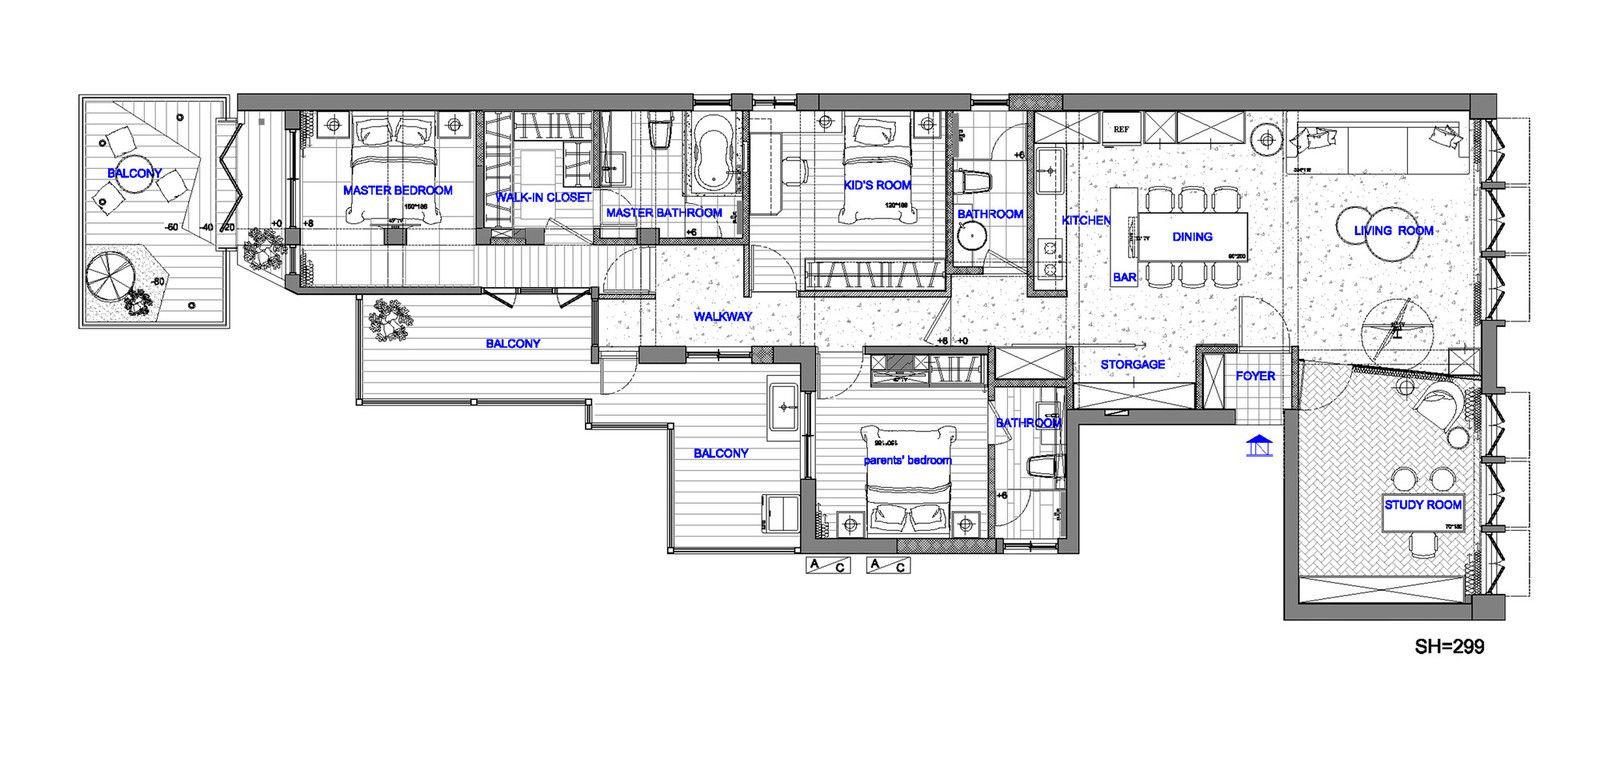 Проект обновления дизайна интерьера 40-летней квартиры выполнила компания CHI-TORCH Interior Design в Тайбэе, Тайвань.…